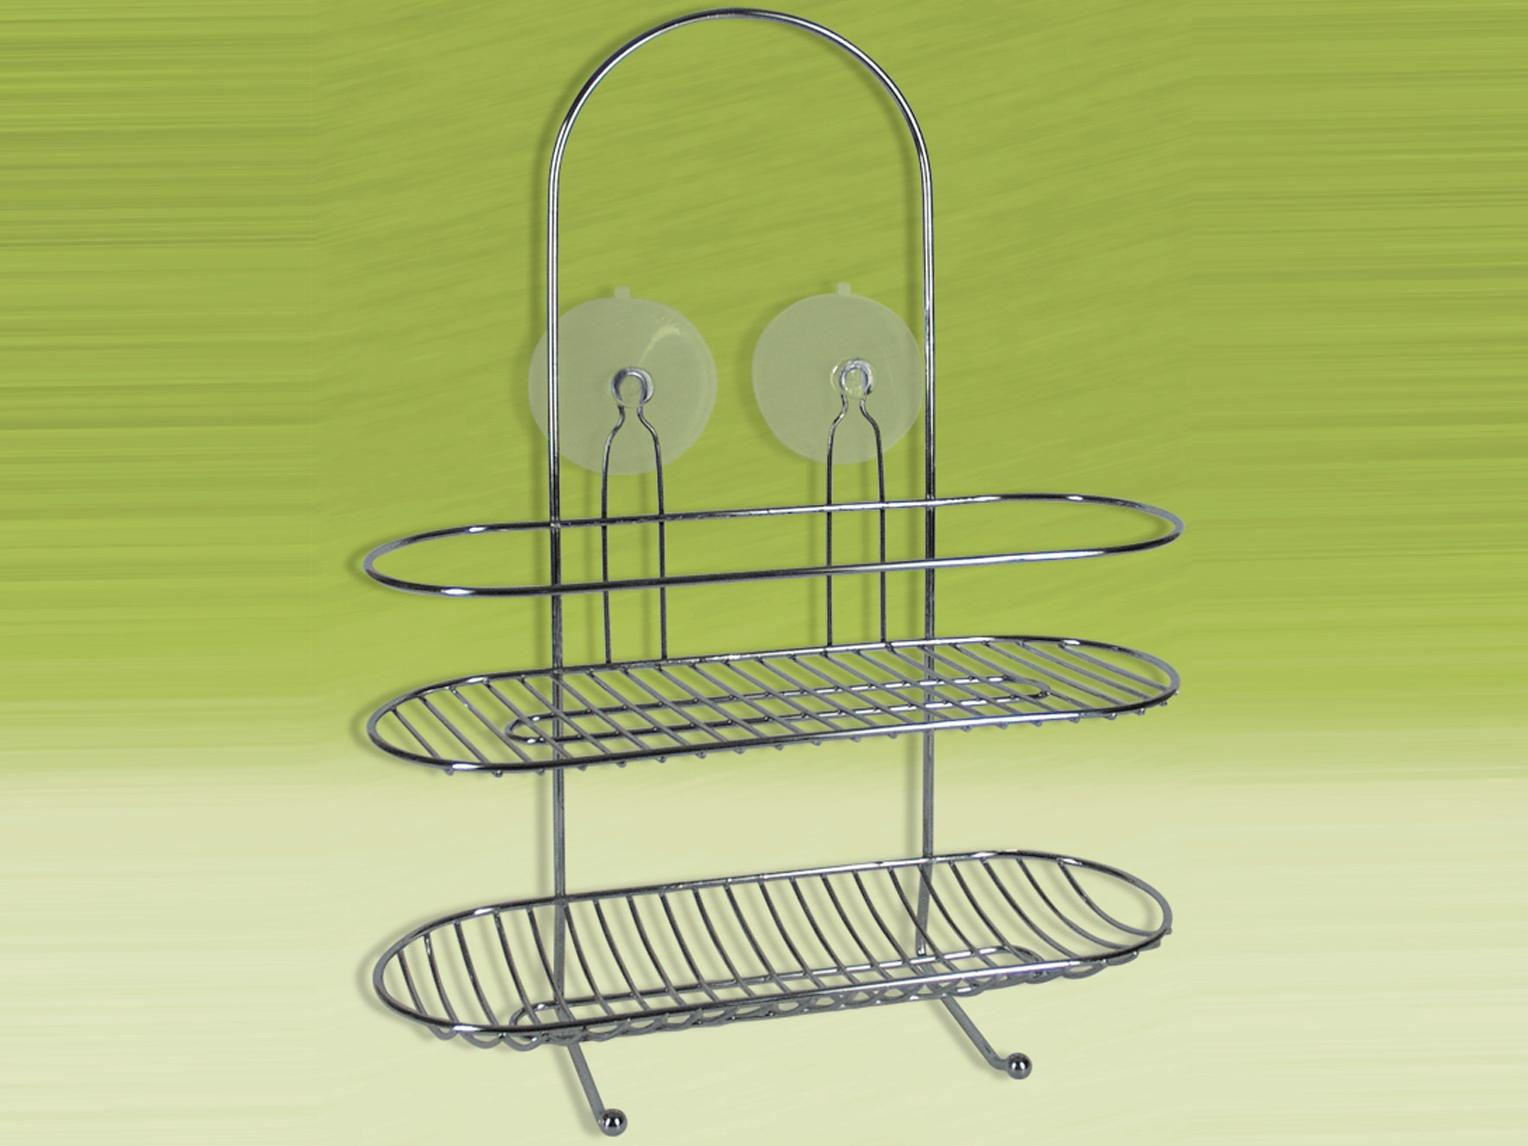 Accessori Da Bagno Con Ventosa.Artex Porta Shampoo Grande Con Ventosa Arredo Bagno E Accessori